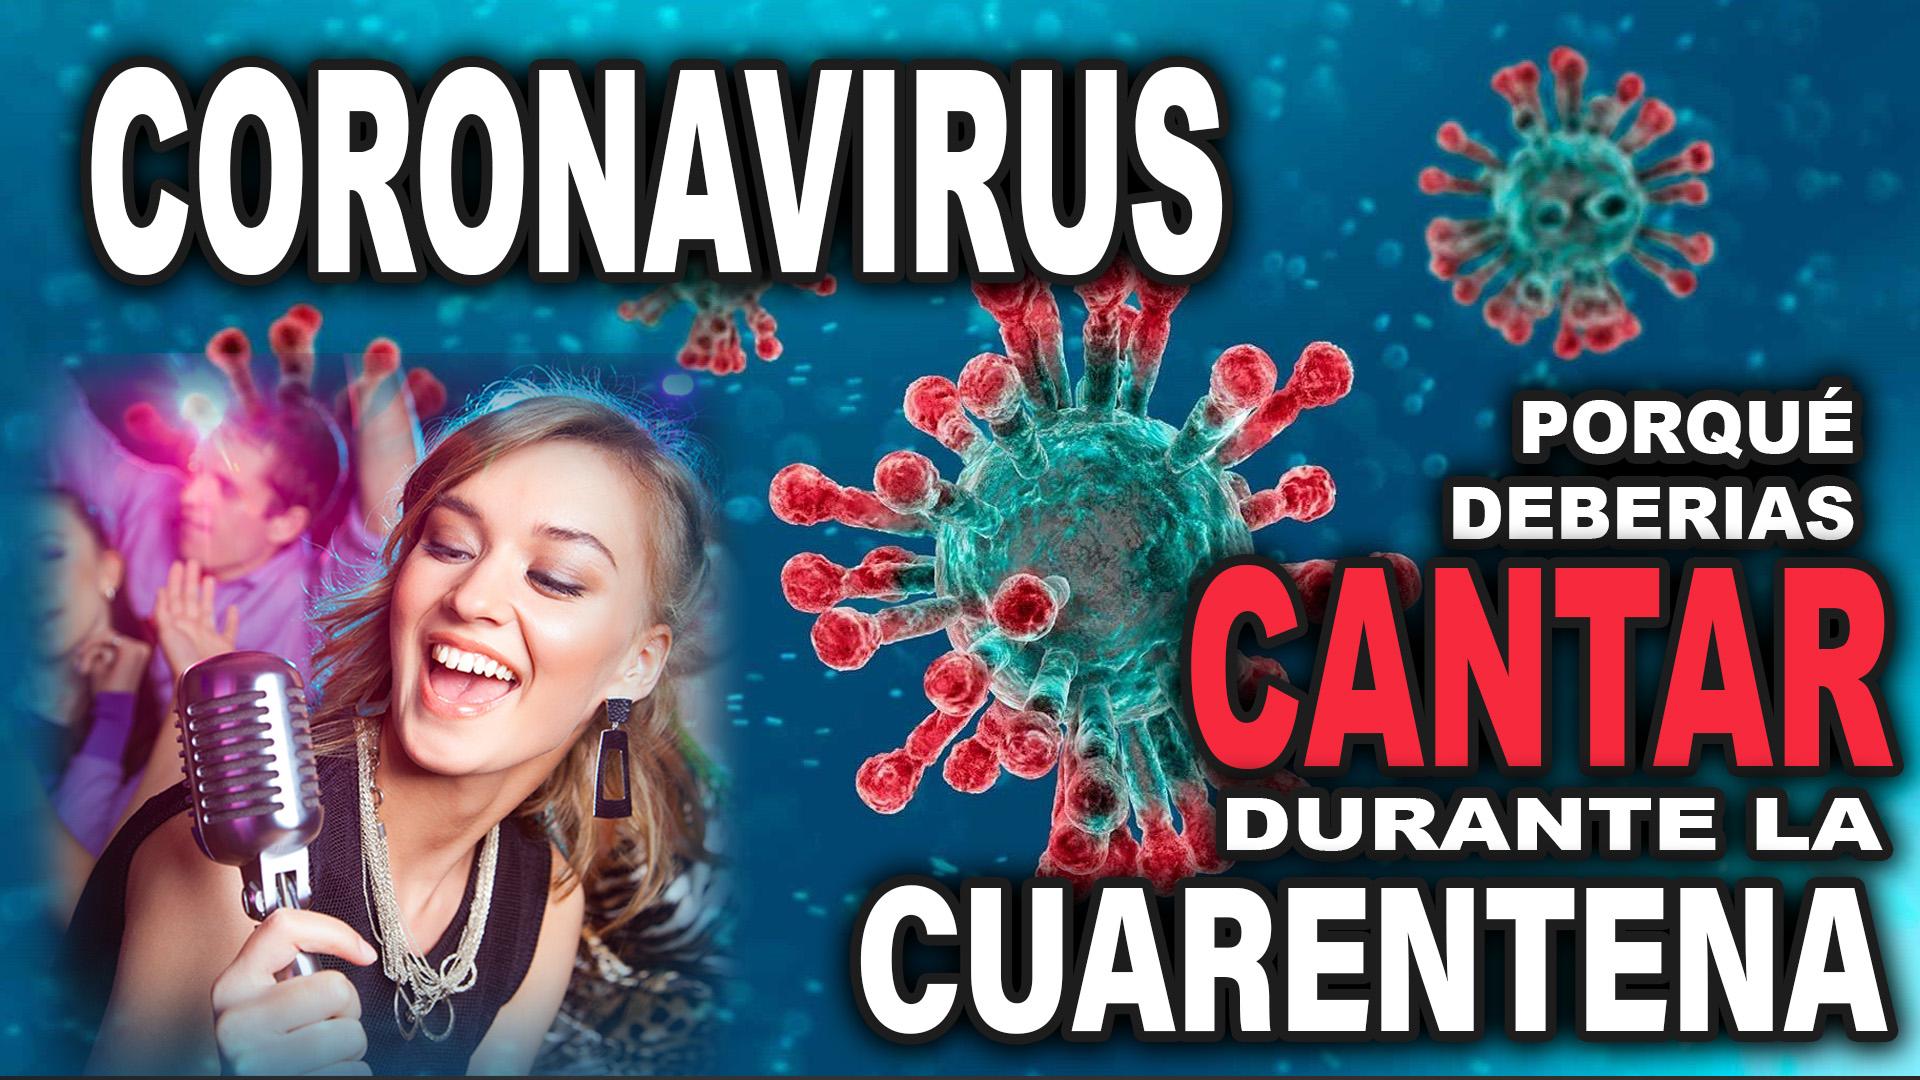 coronavirus cuarentena cantar